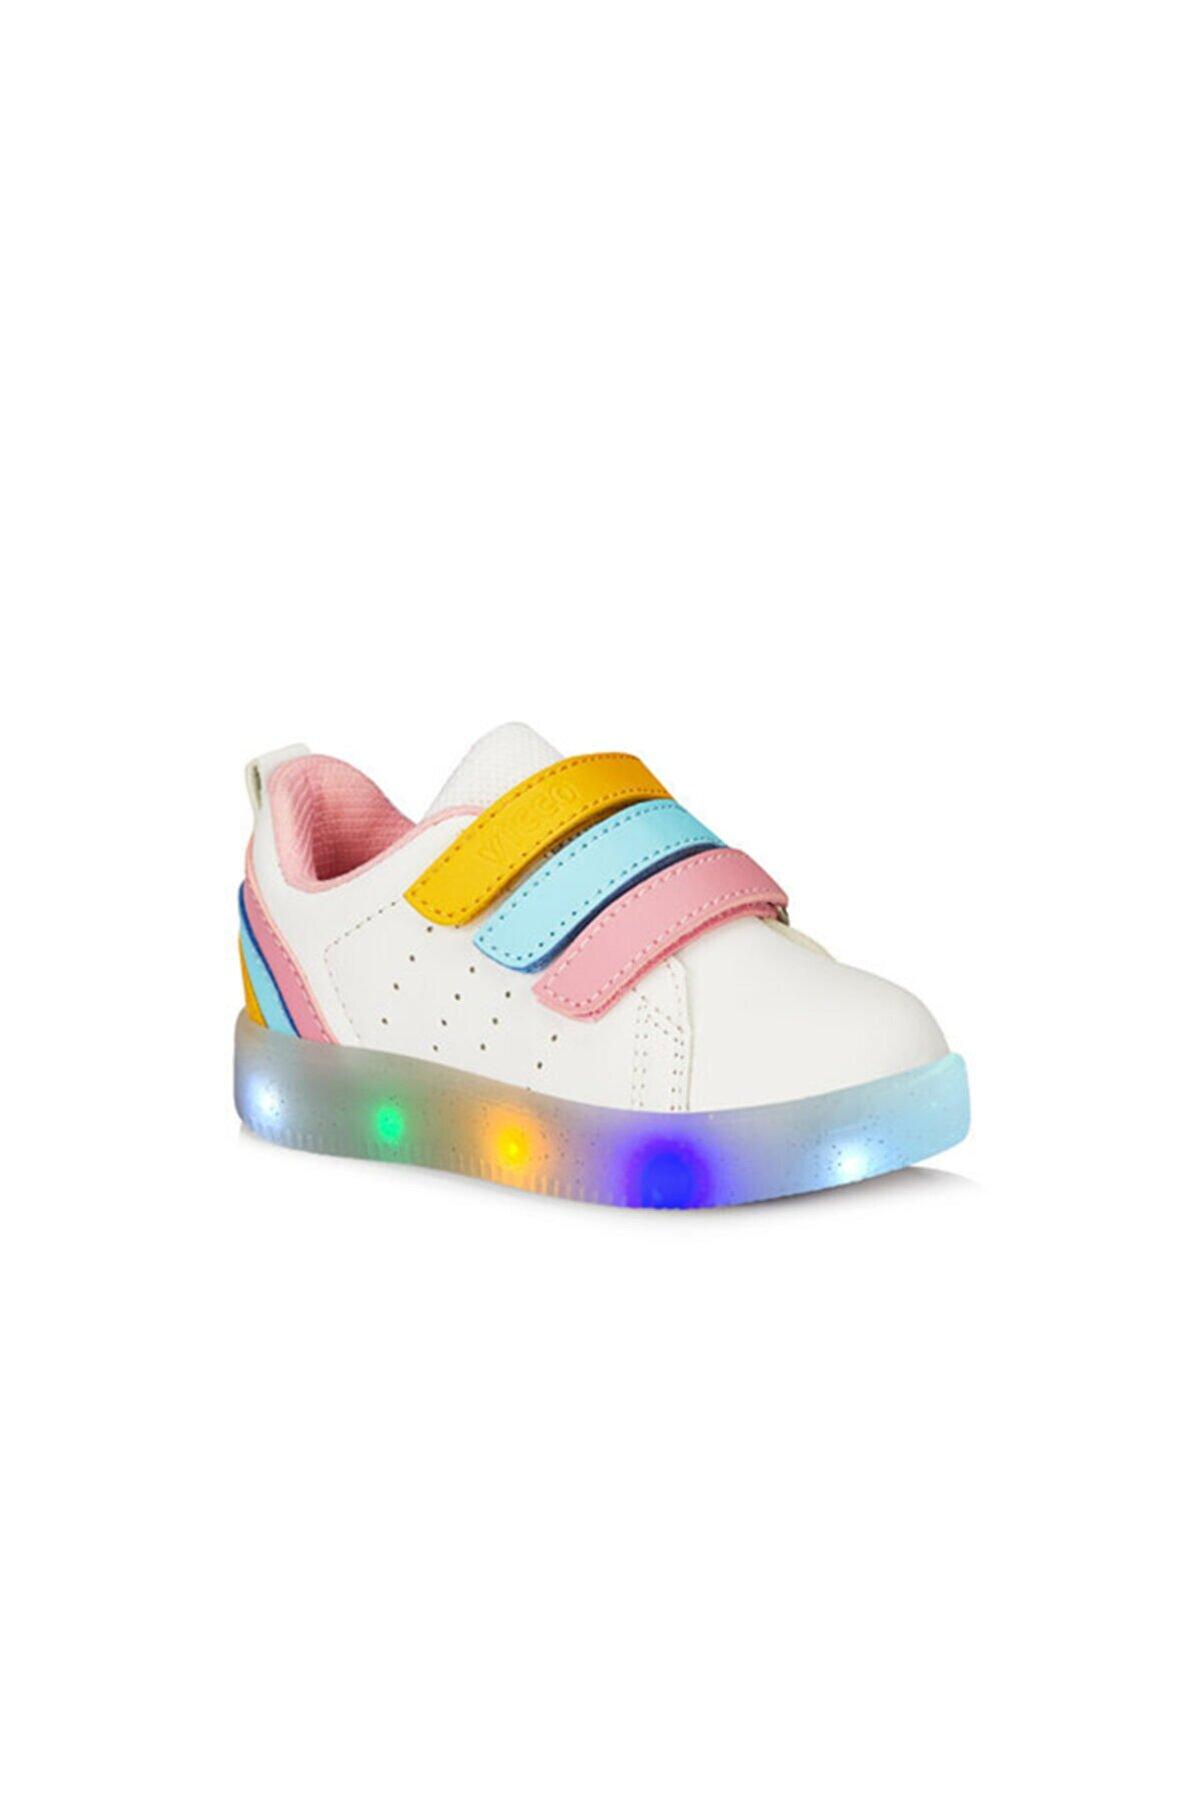 Vicco Sun Renkli Işıklı Çocuk Cırtlı Sneaker 220.21y.212